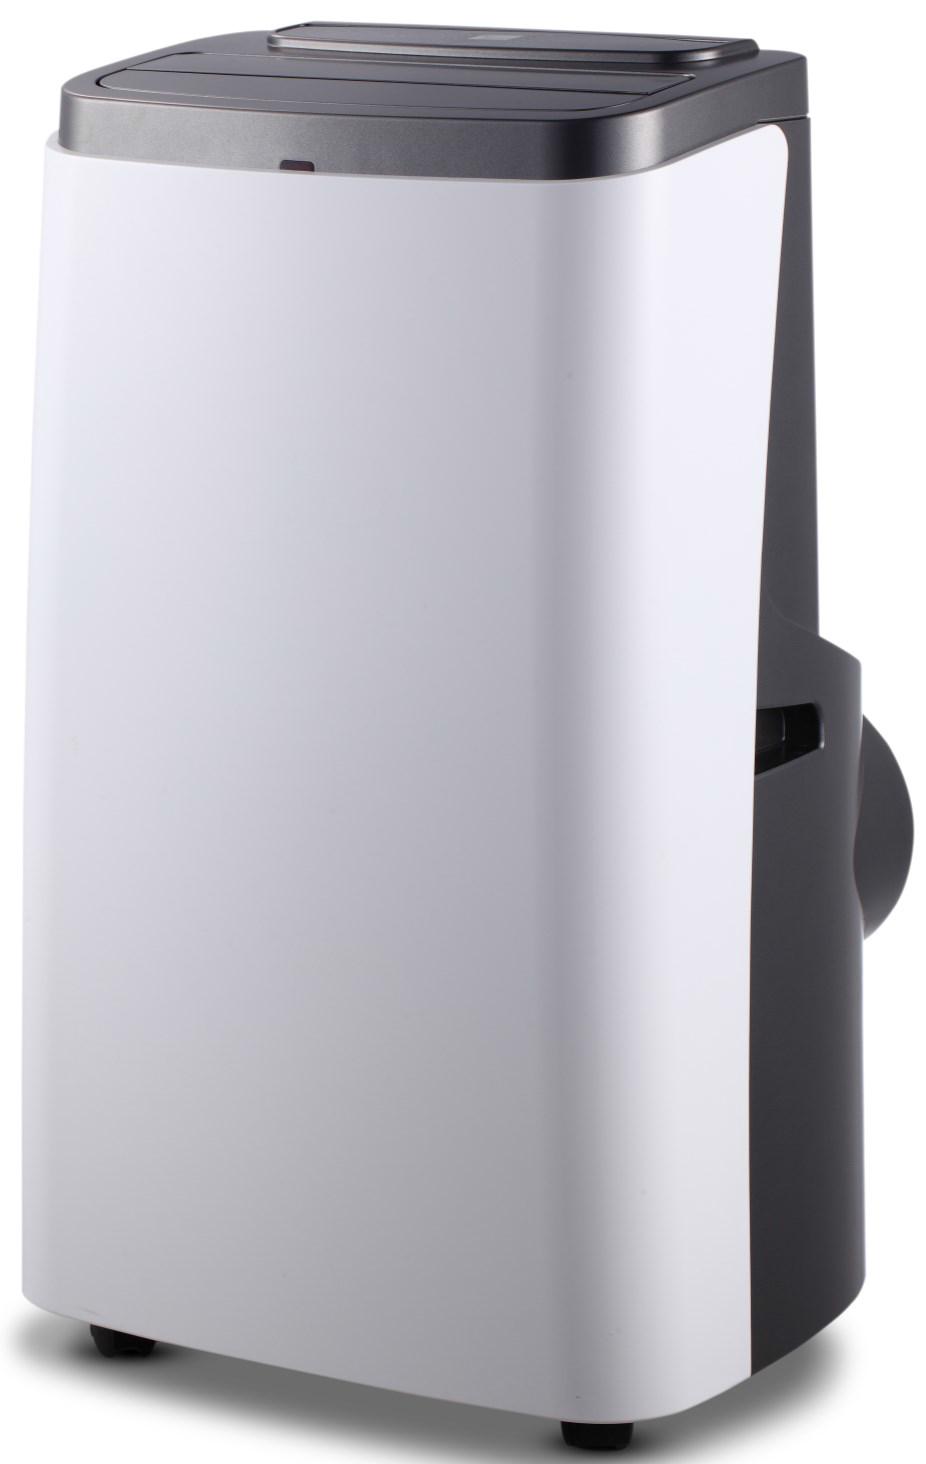 Mobiele Airco - Snow Portable Air Conditionor 12000 btu